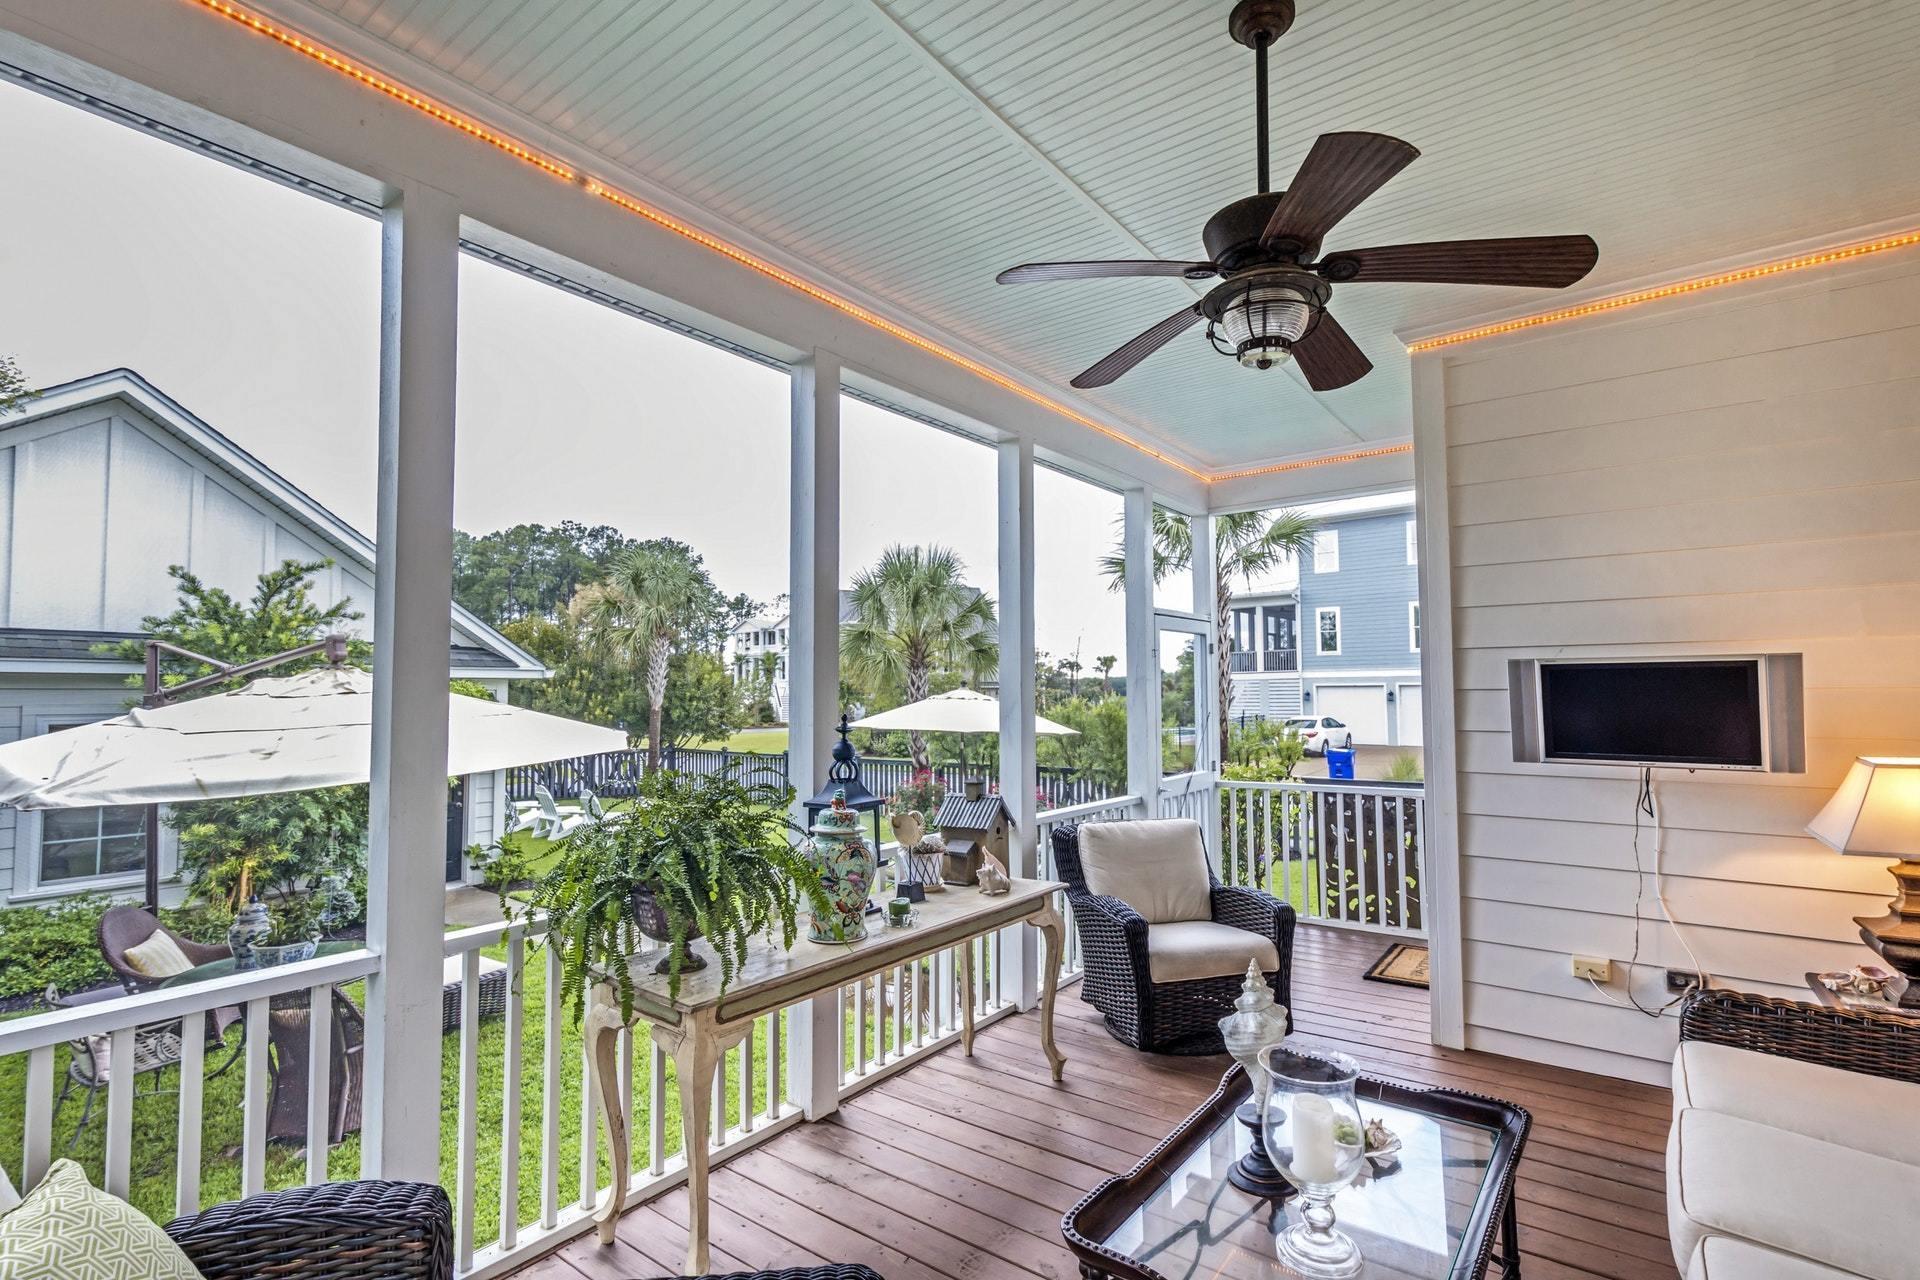 Dunes West Homes For Sale - 2816 River Vista, Mount Pleasant, SC - 28